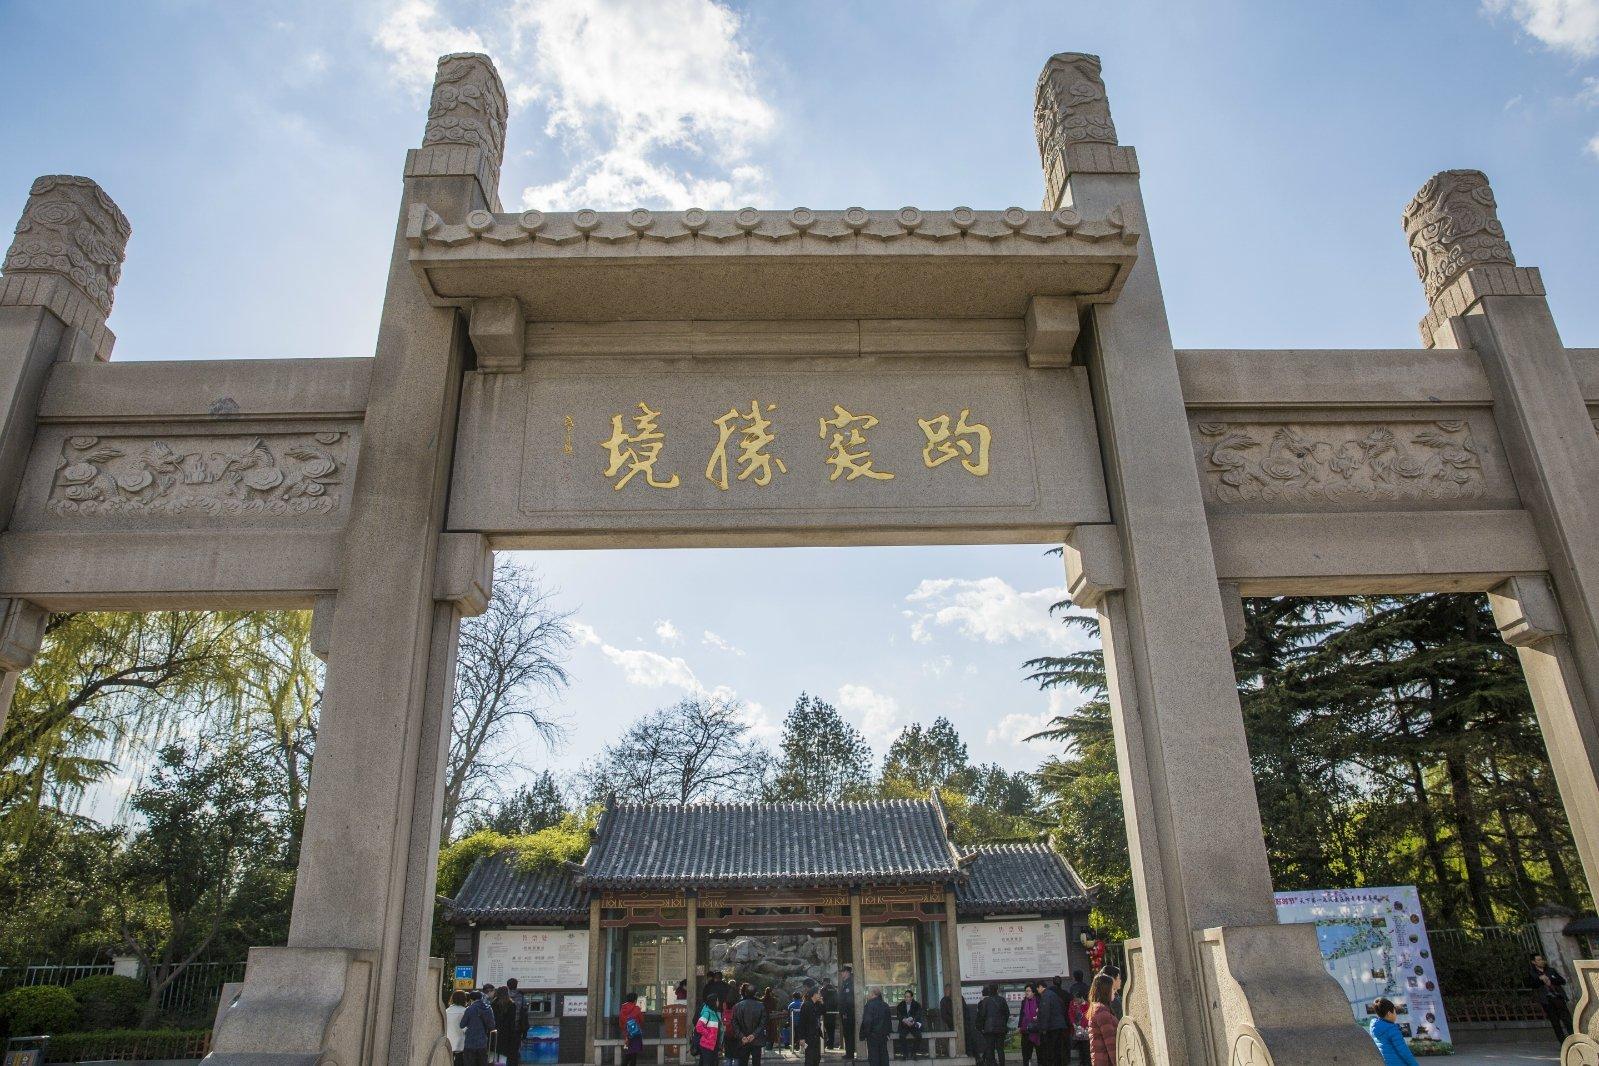 2018趵突泉景区游玩攻略,.尤其是有些泉眼里面放养.